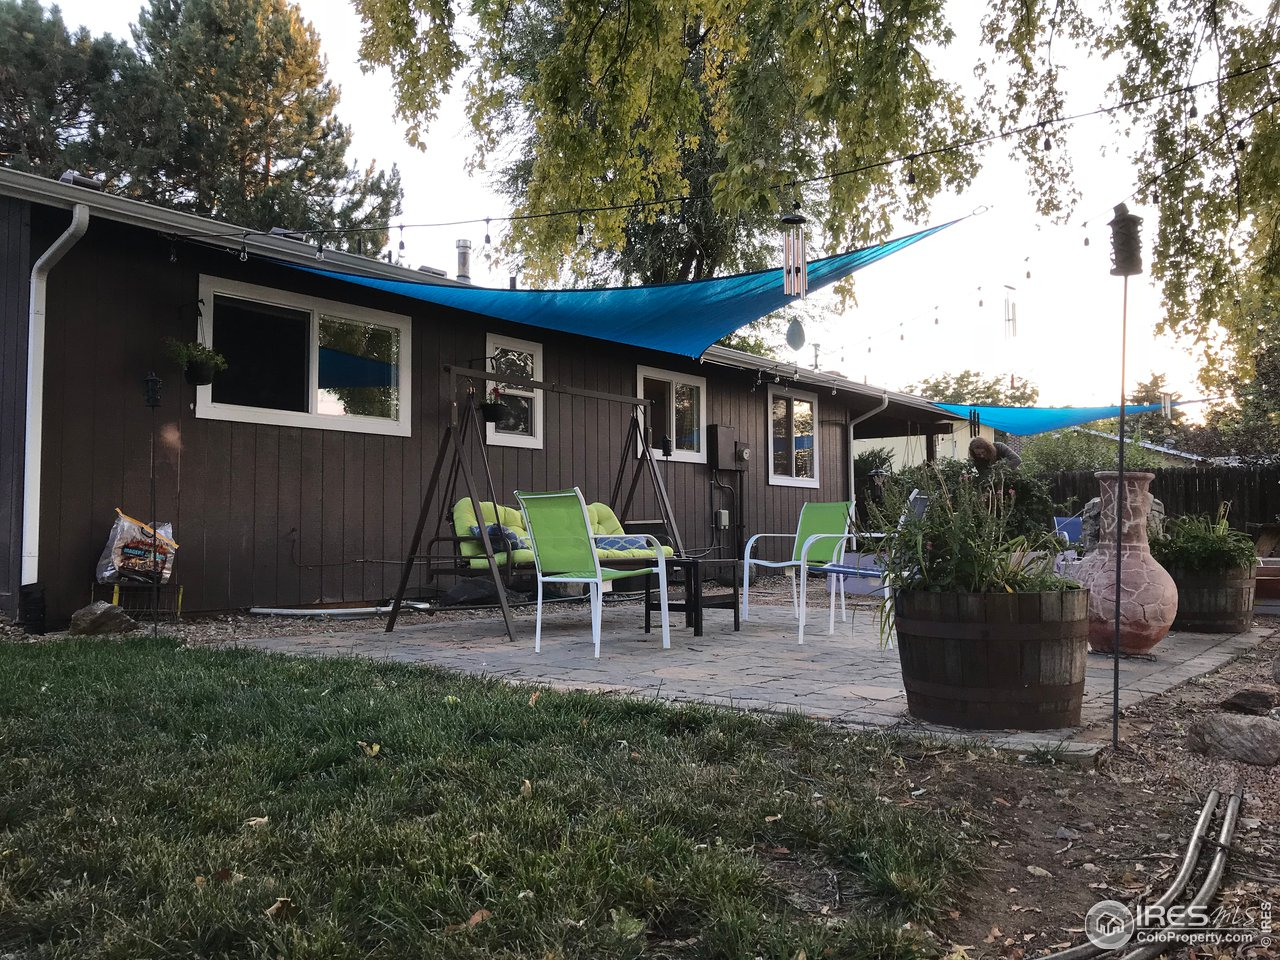 Backyard in Summer